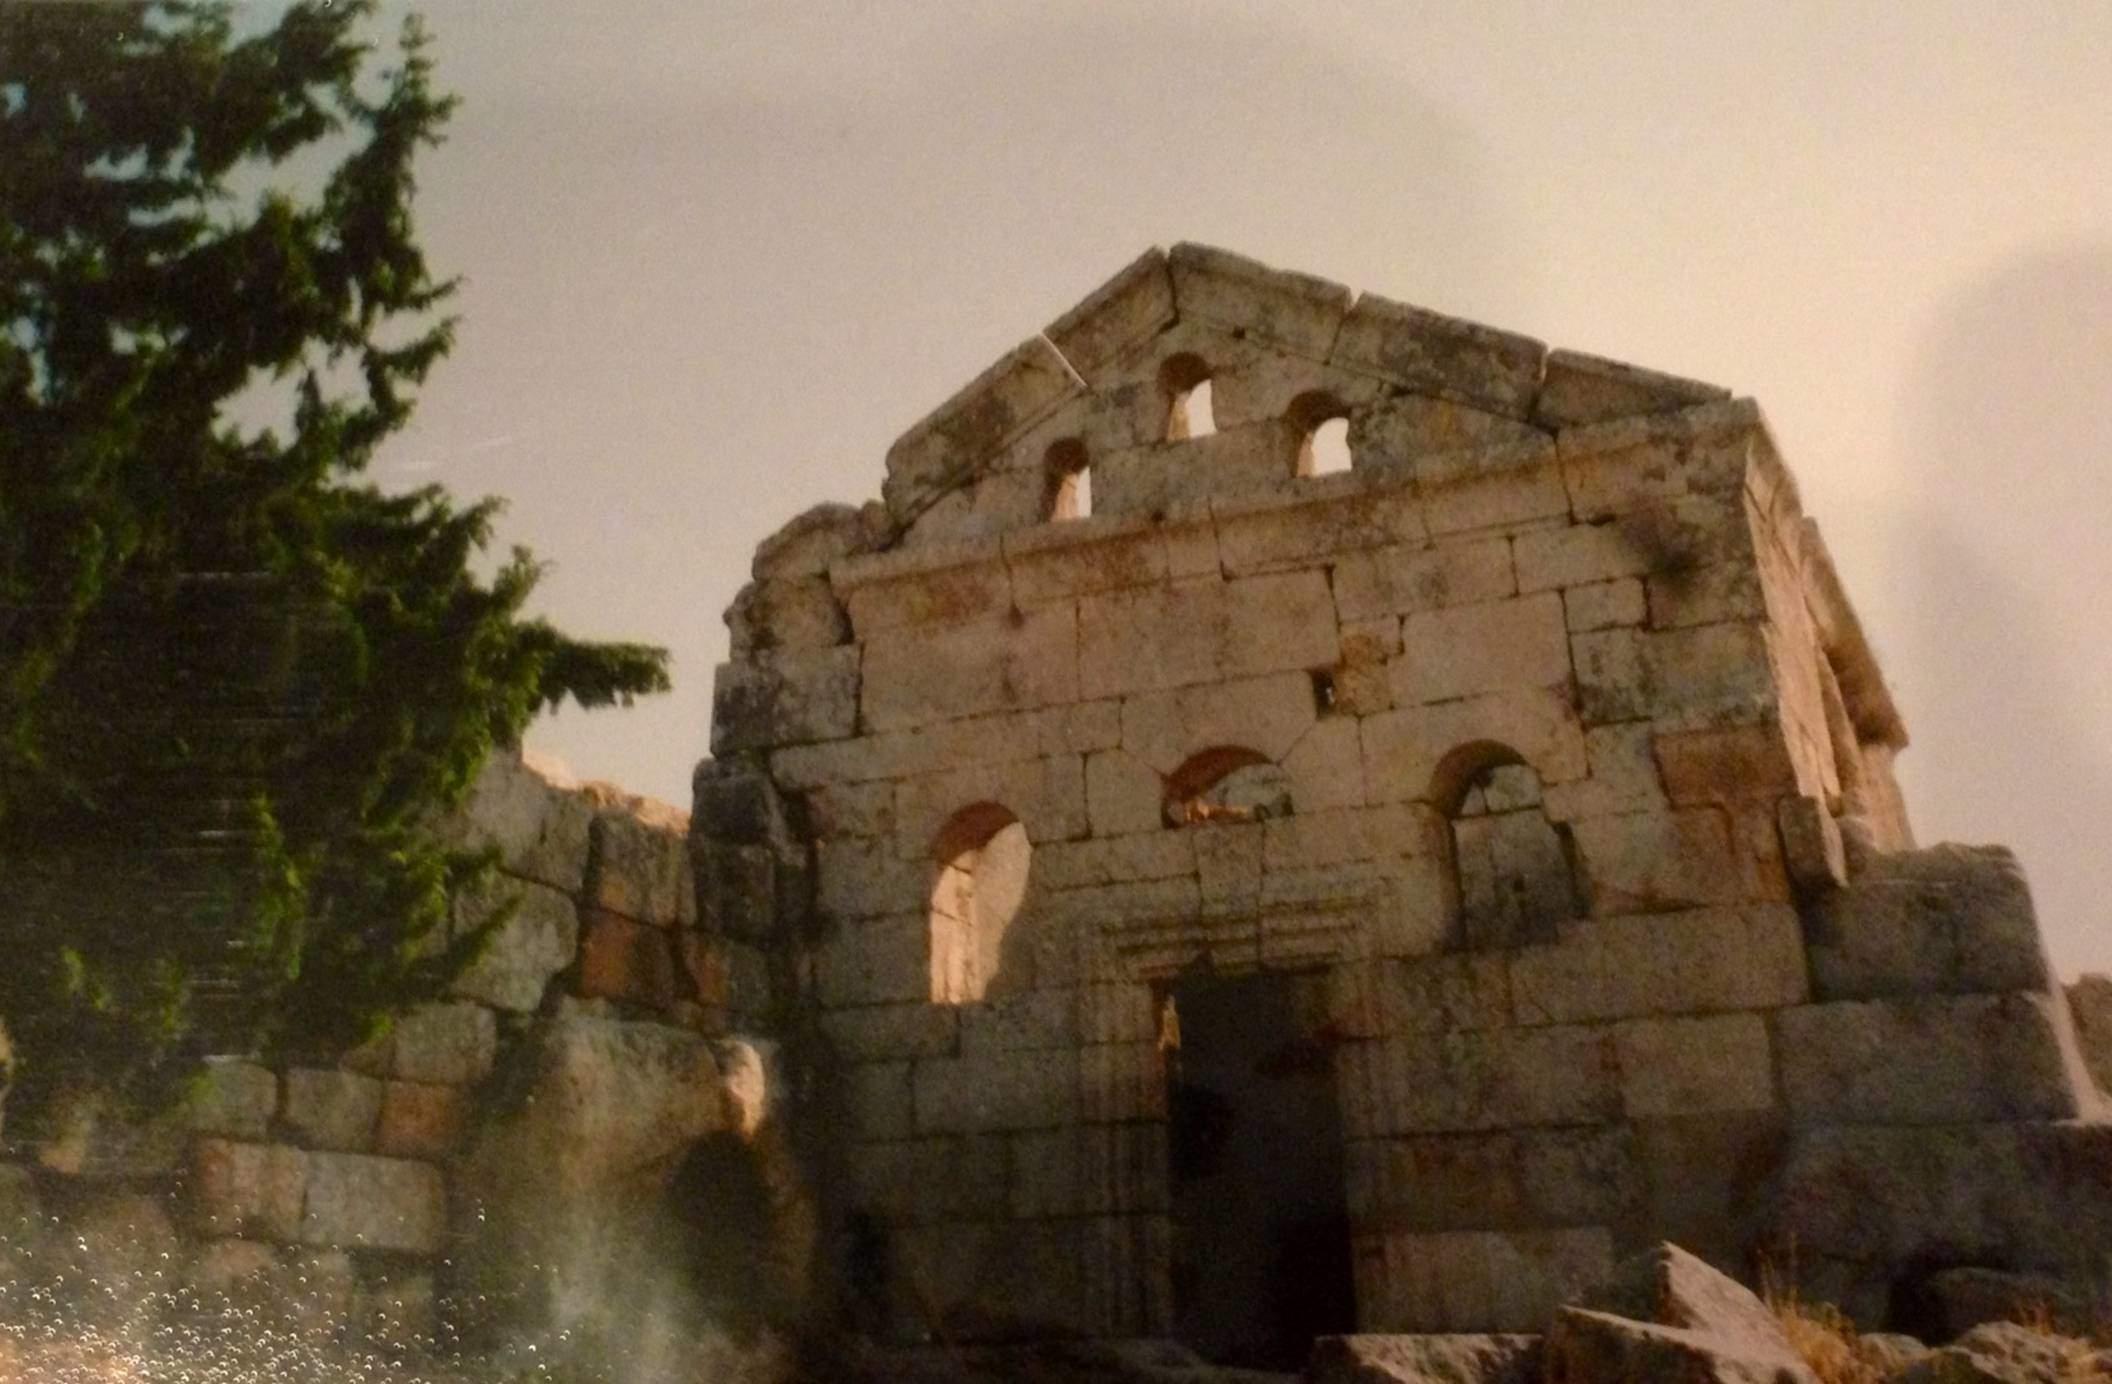 Aziz Simeon'daki Ölüler Evi. Rahipler, evin nişlerindeki sarkofajlarda 40 gün tutulduktan sonra kemikleri evin ortasındaki oyuğa konuyormuş. Sarkofaj, et yiyen demekmiş.